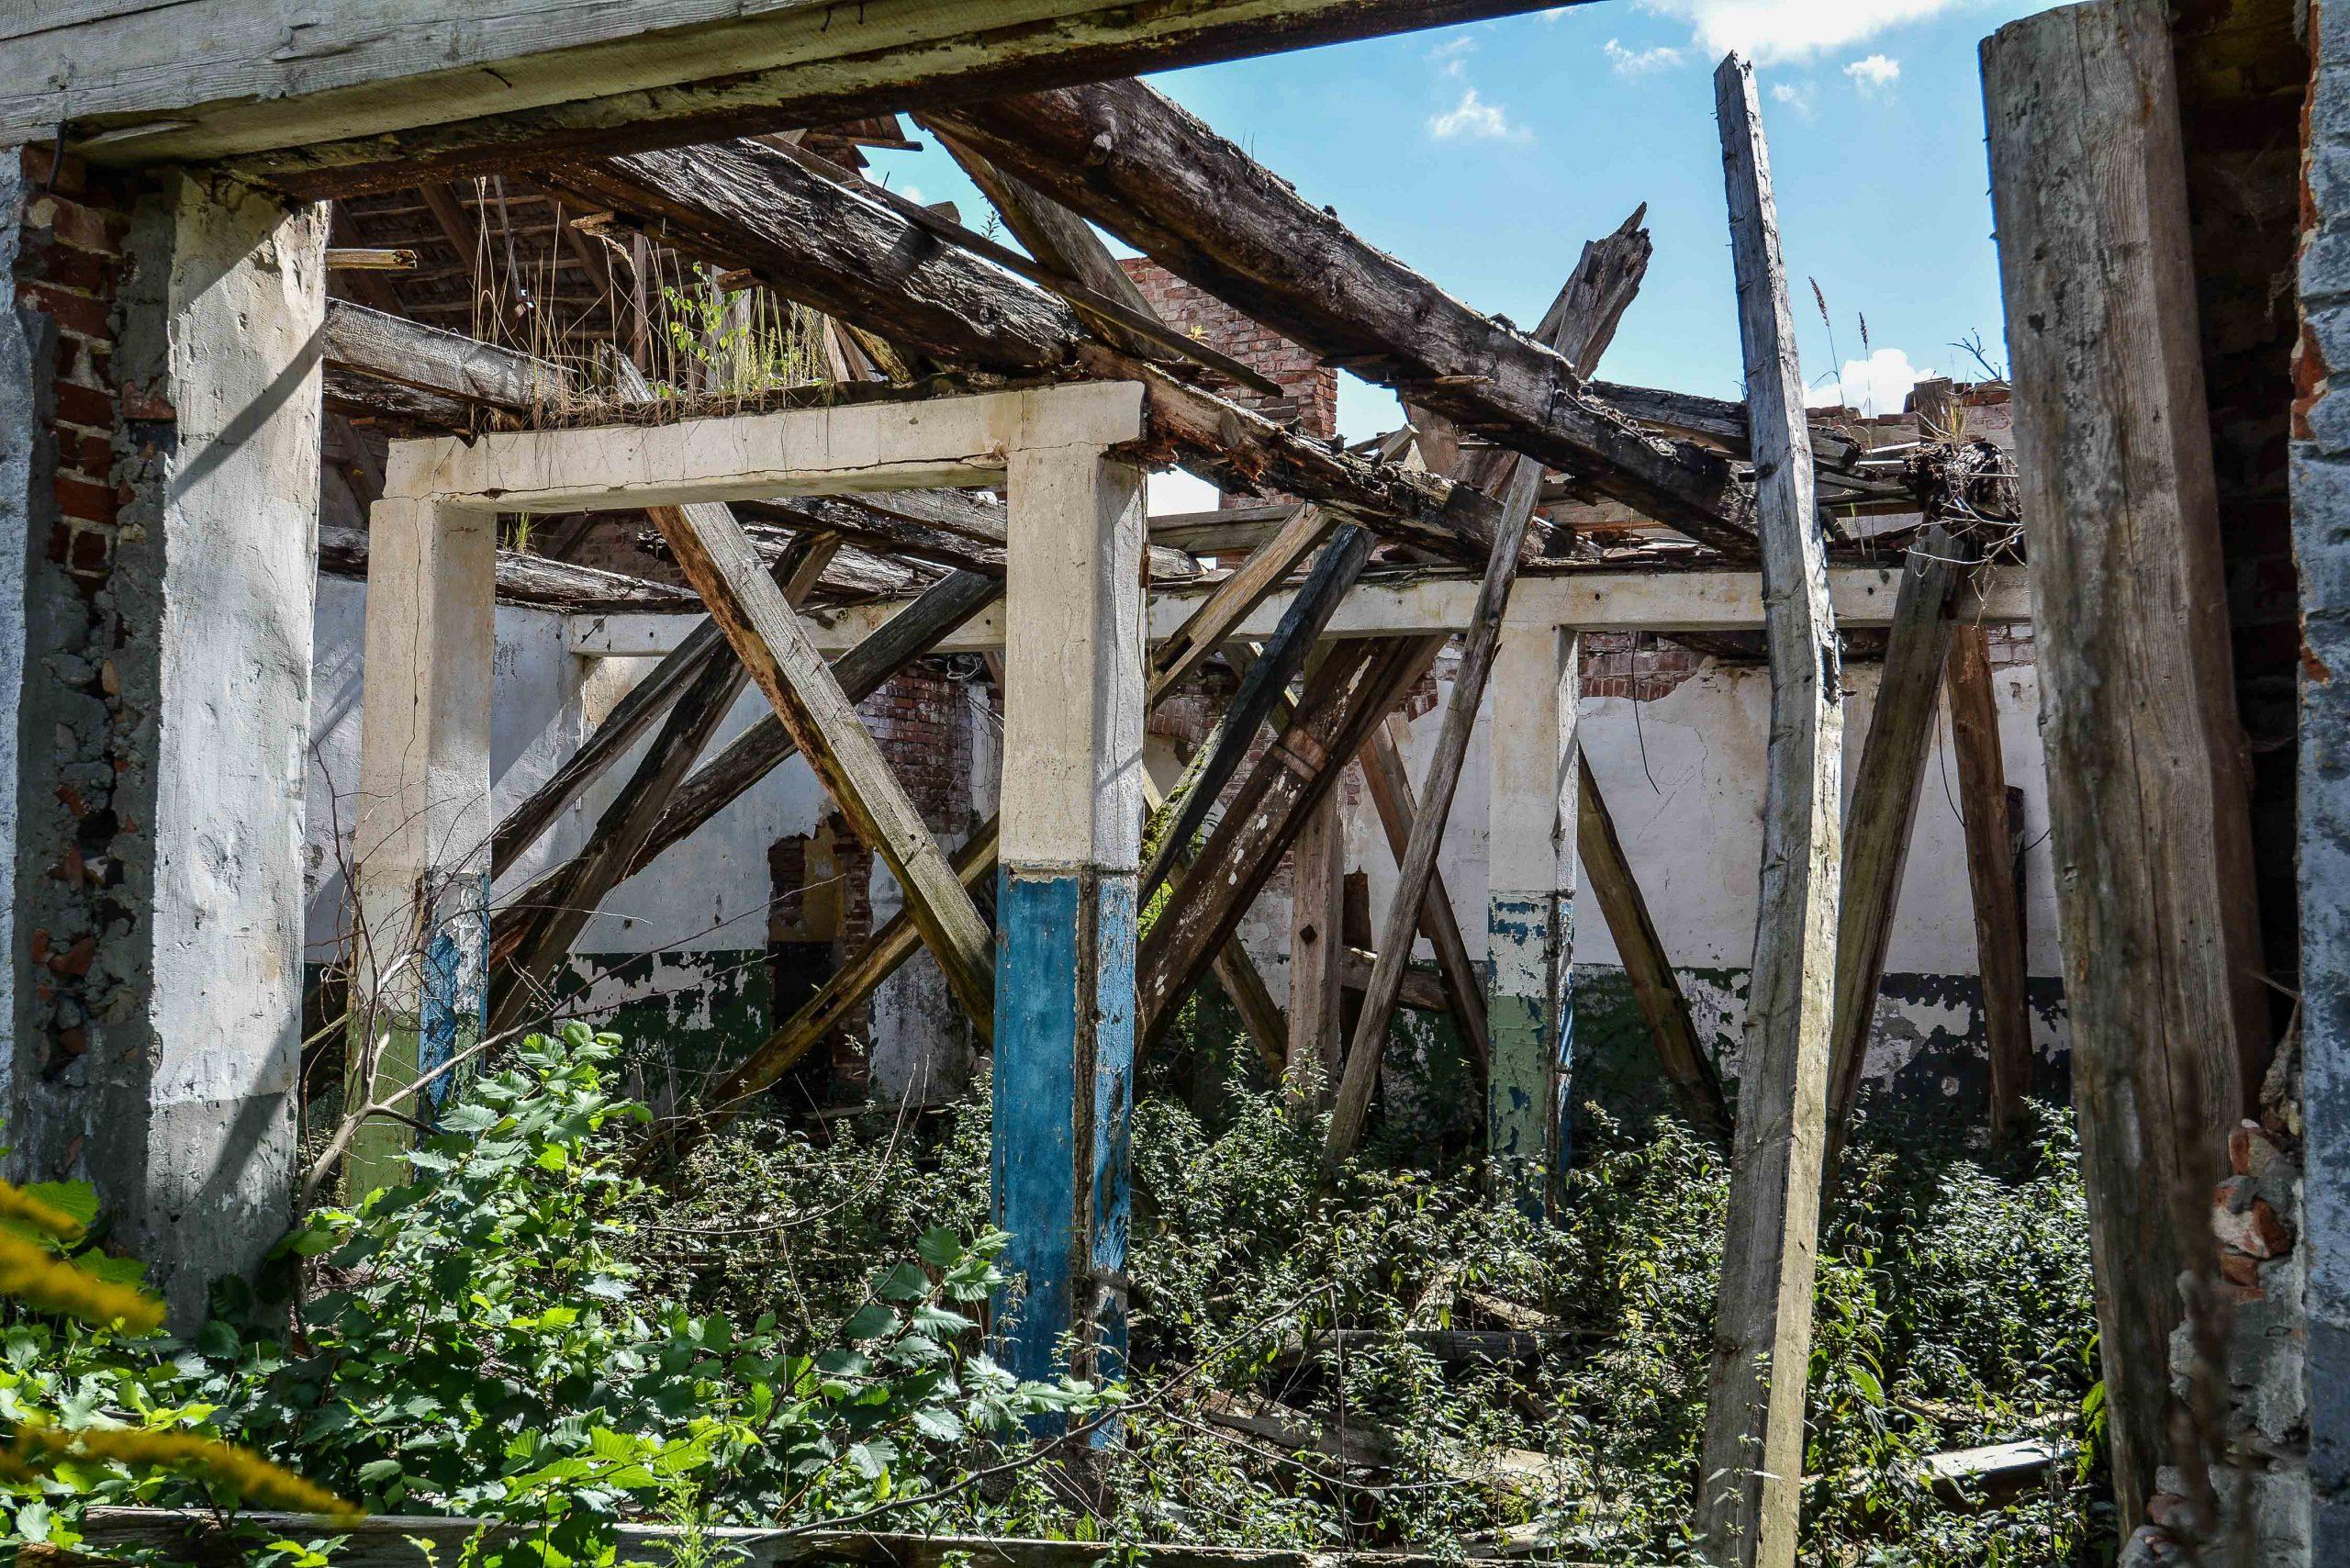 feuer ruine pferdestall architektur historischer orientalismus herrenhaus gentzrode lost places brandenburg neuruppin gut gentzrode ost deutschland urbex abandoned